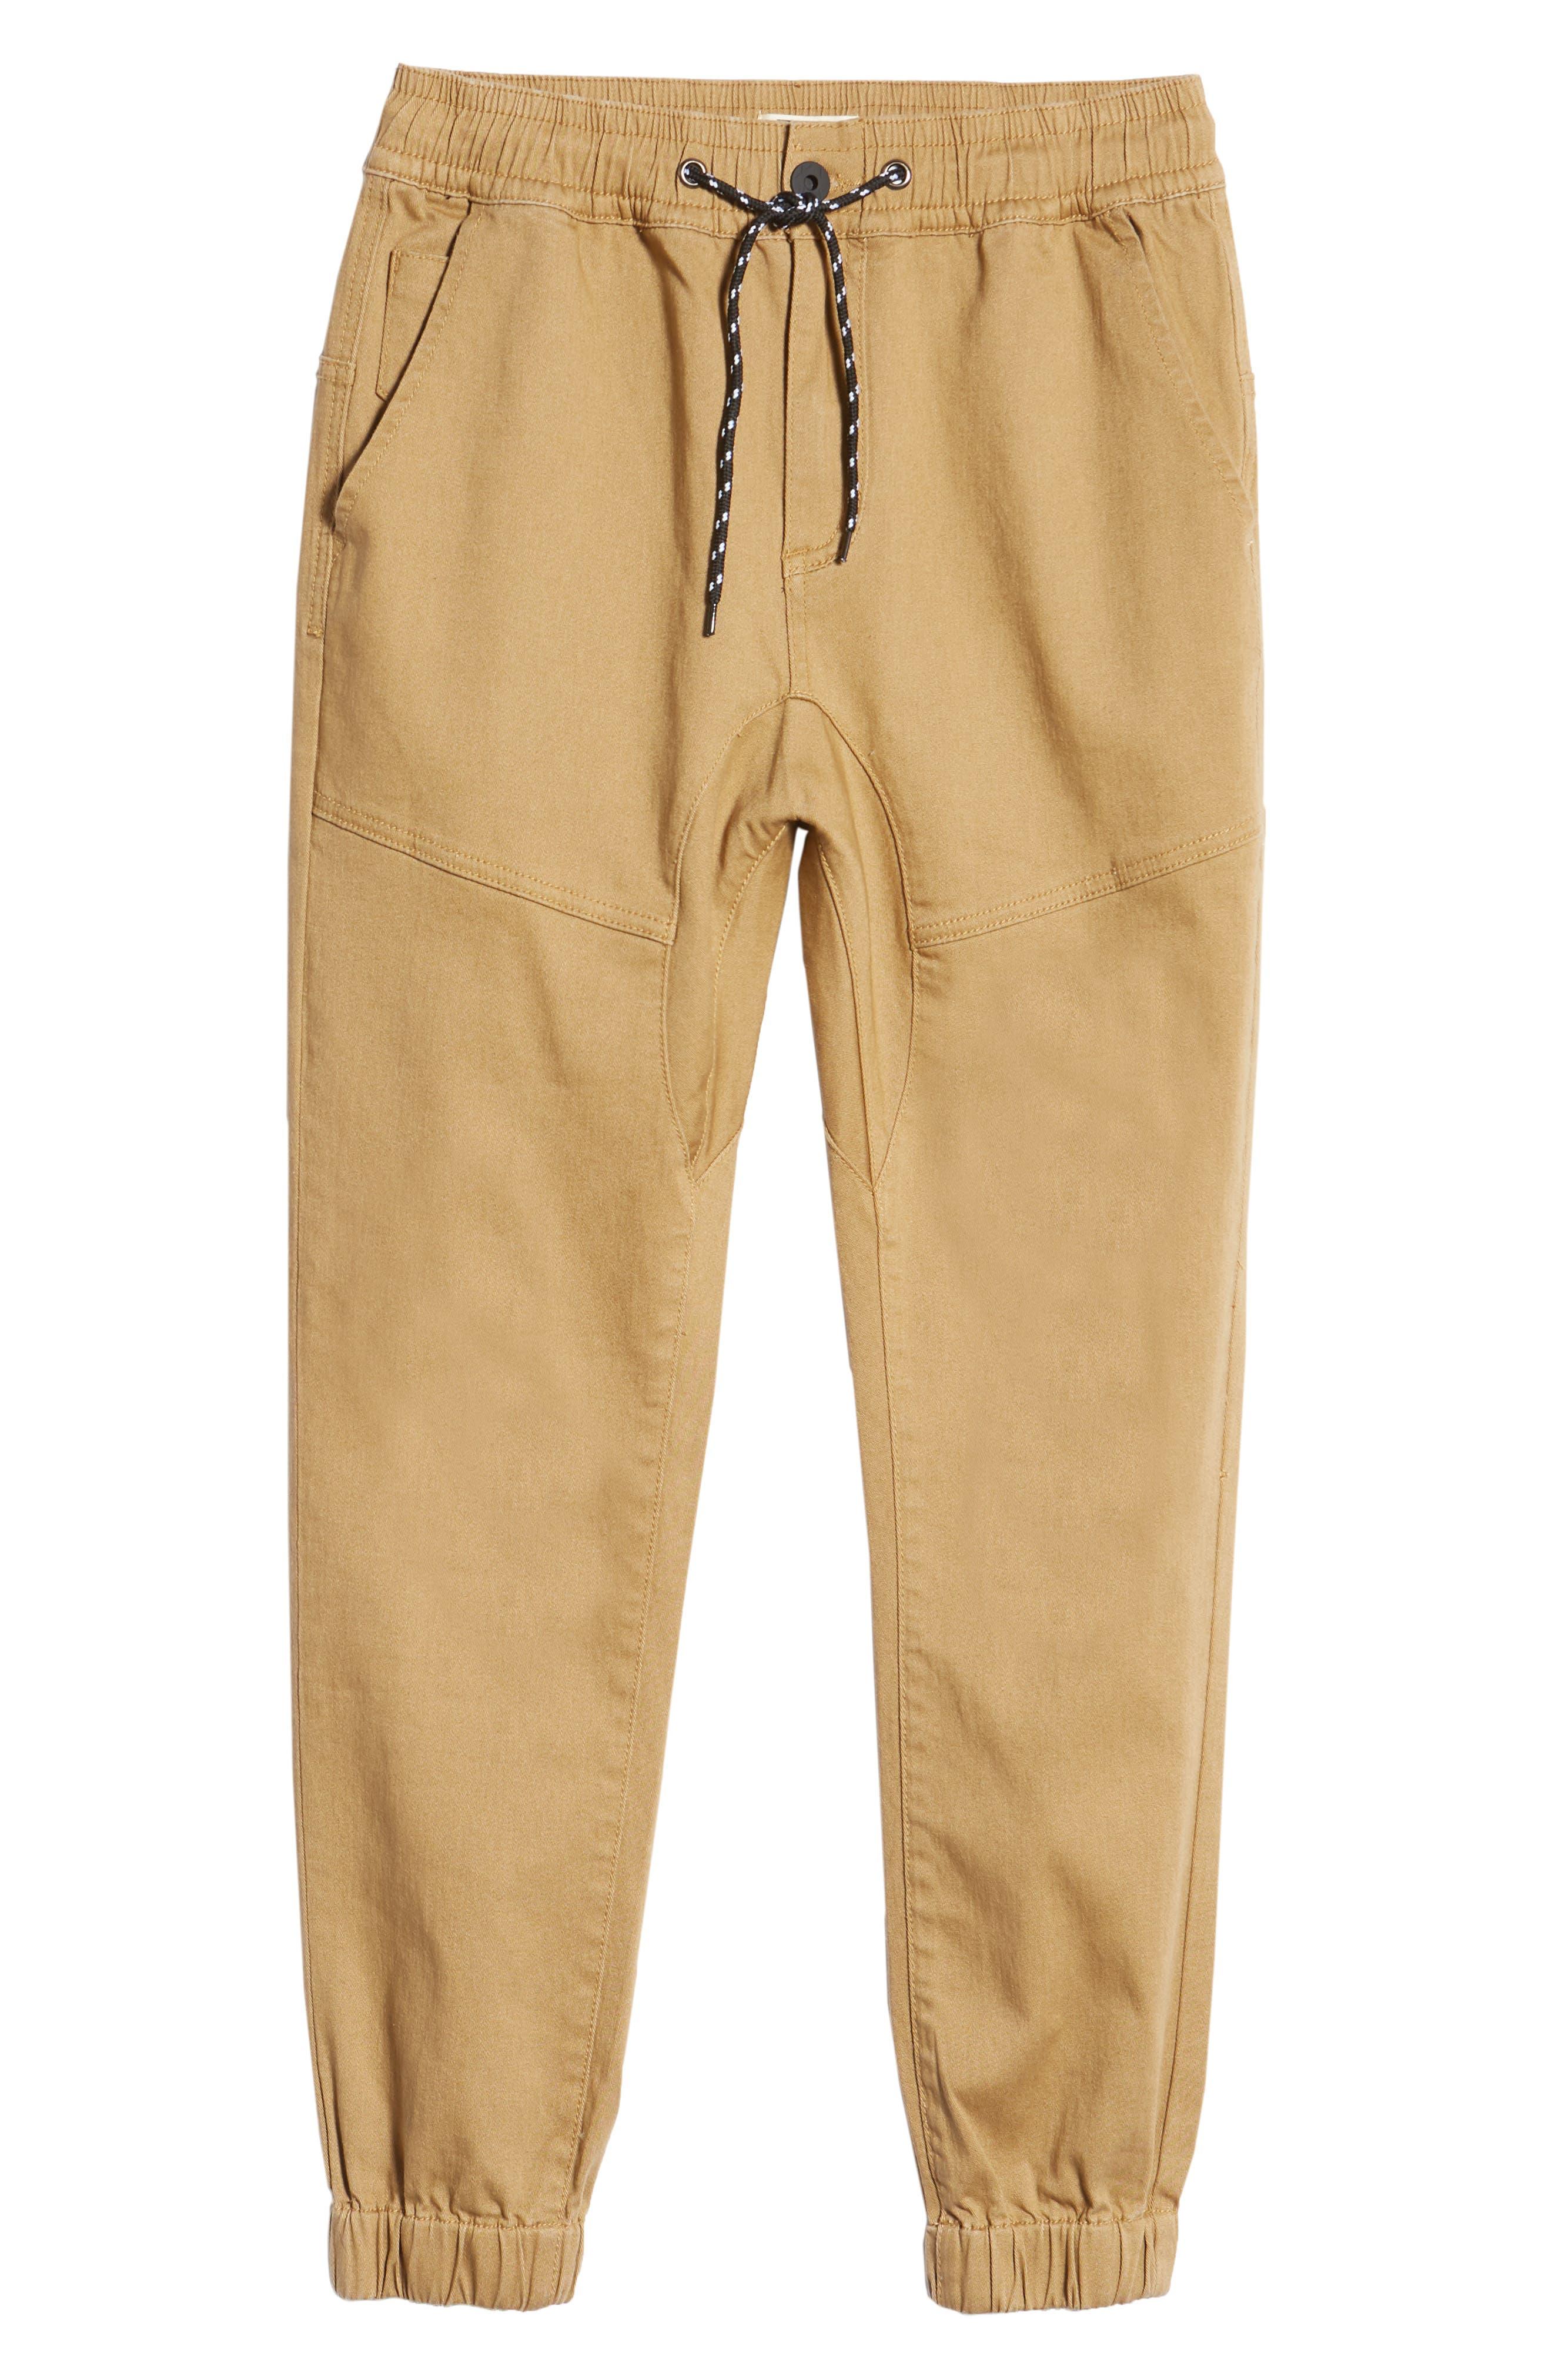 LIRA CLOTHING, Clifton Slim Fit Jogger Pants, Alternate thumbnail 6, color, 250